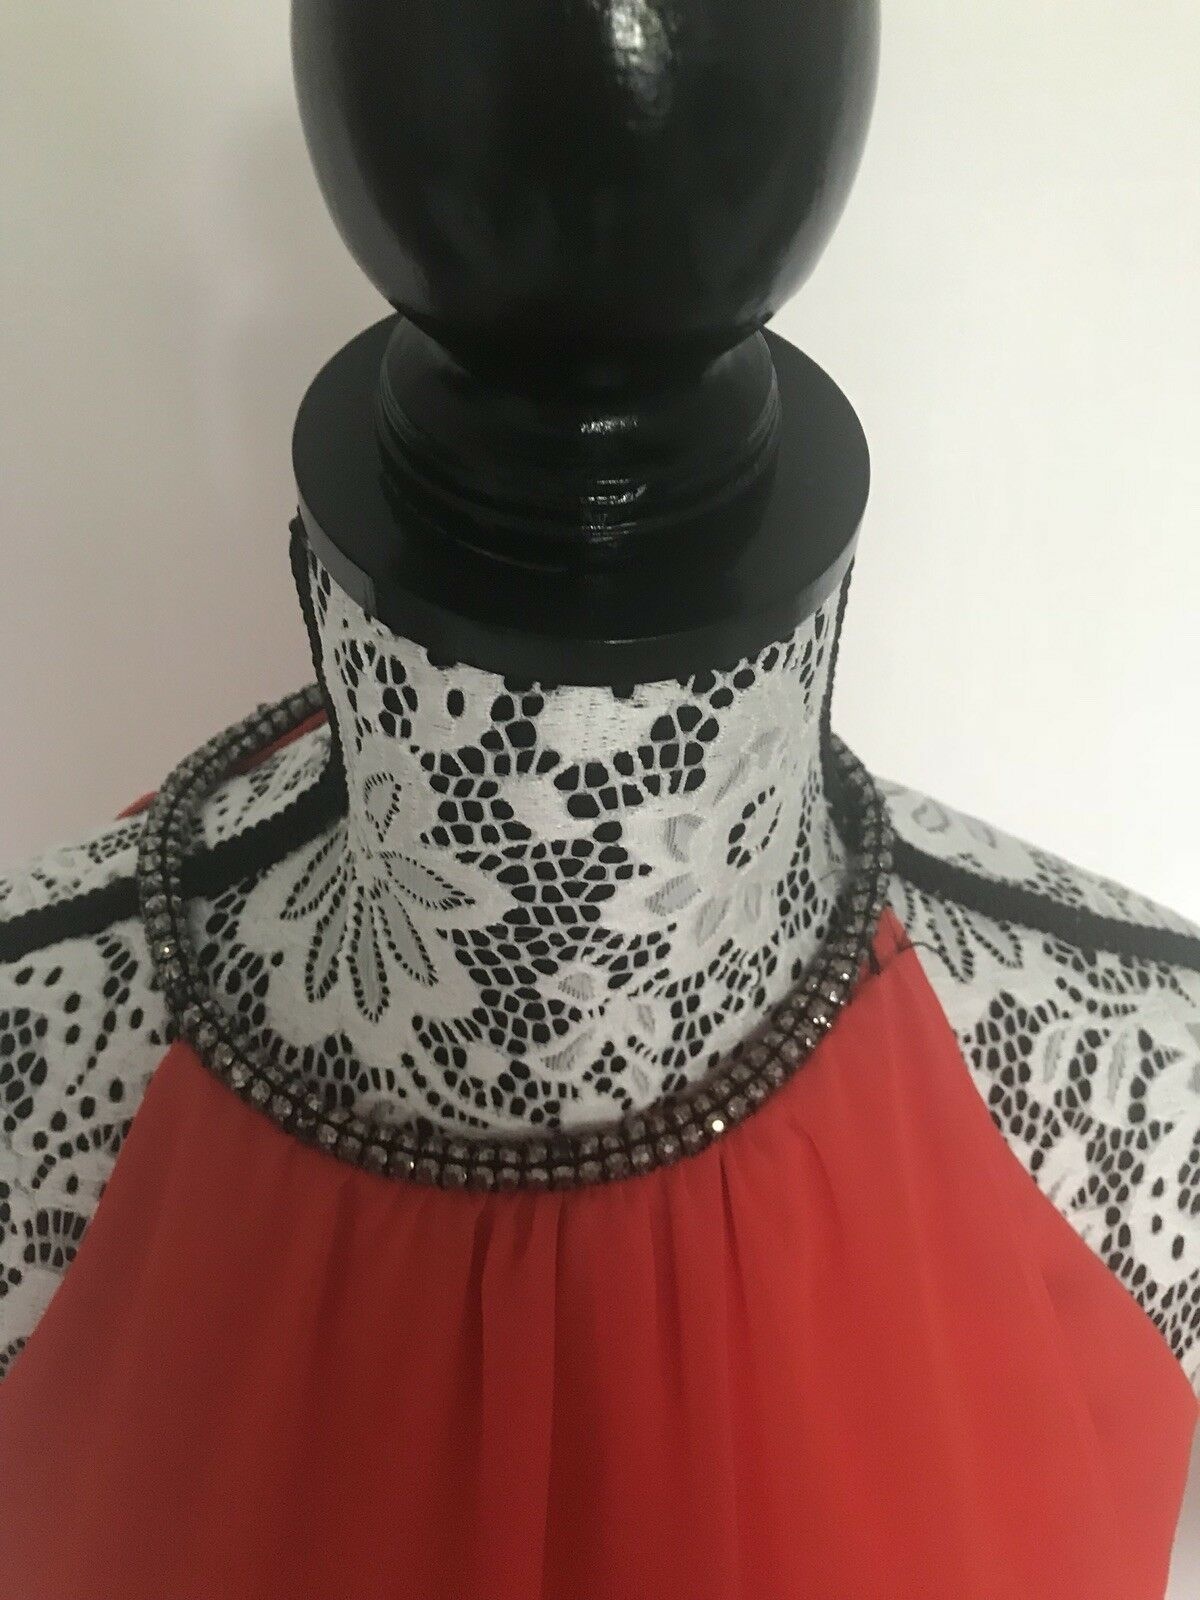 Elegantes Elegantes Elegantes Damen Kleid von Esprit Gr 38   Neuheit    Qualitätskönigin    Einfach zu bedienen  8a06ef